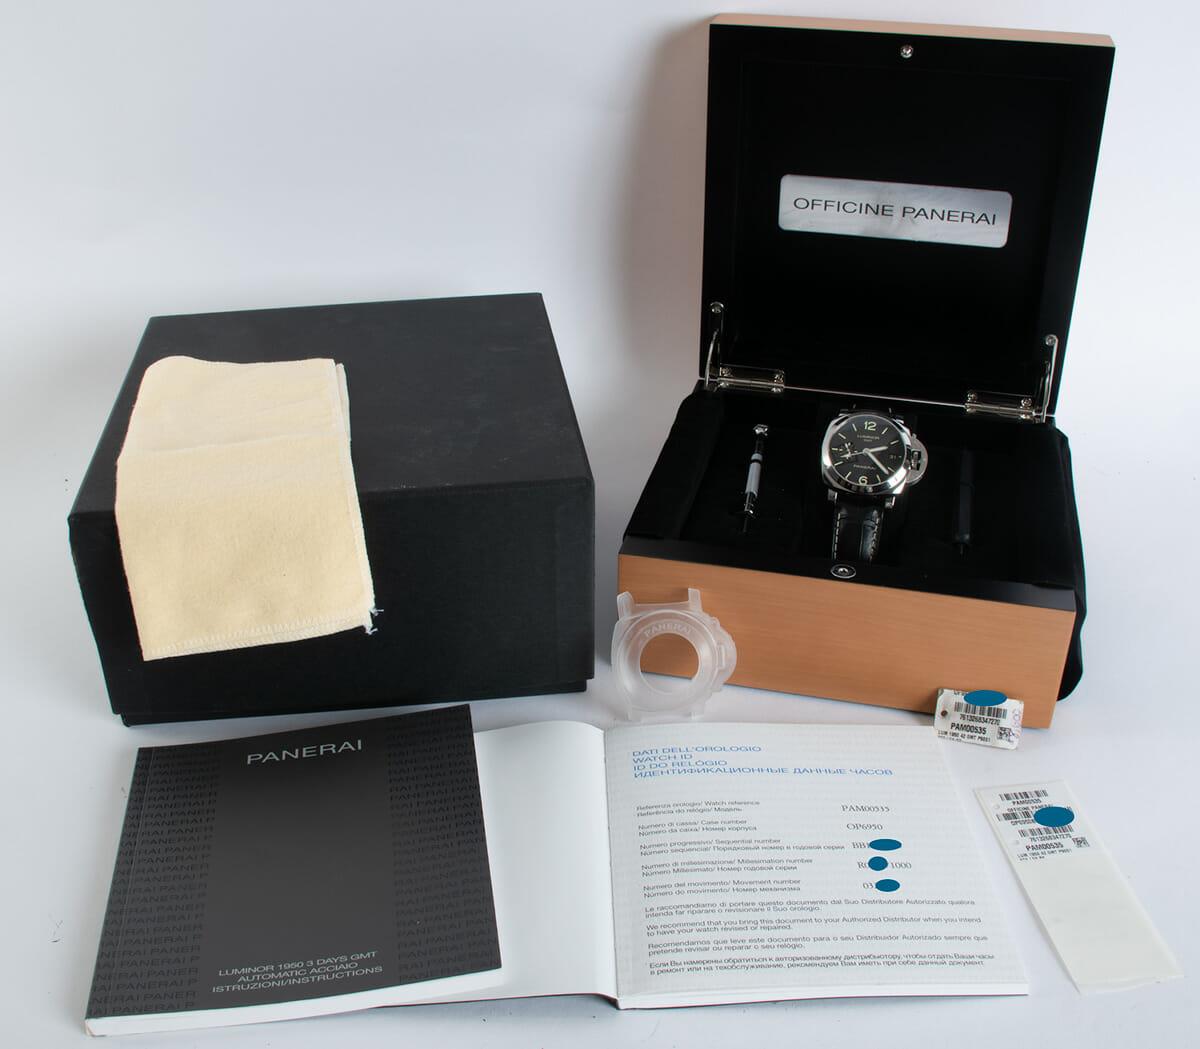 Box / Paper shot of Luminor 1950 42 GMT